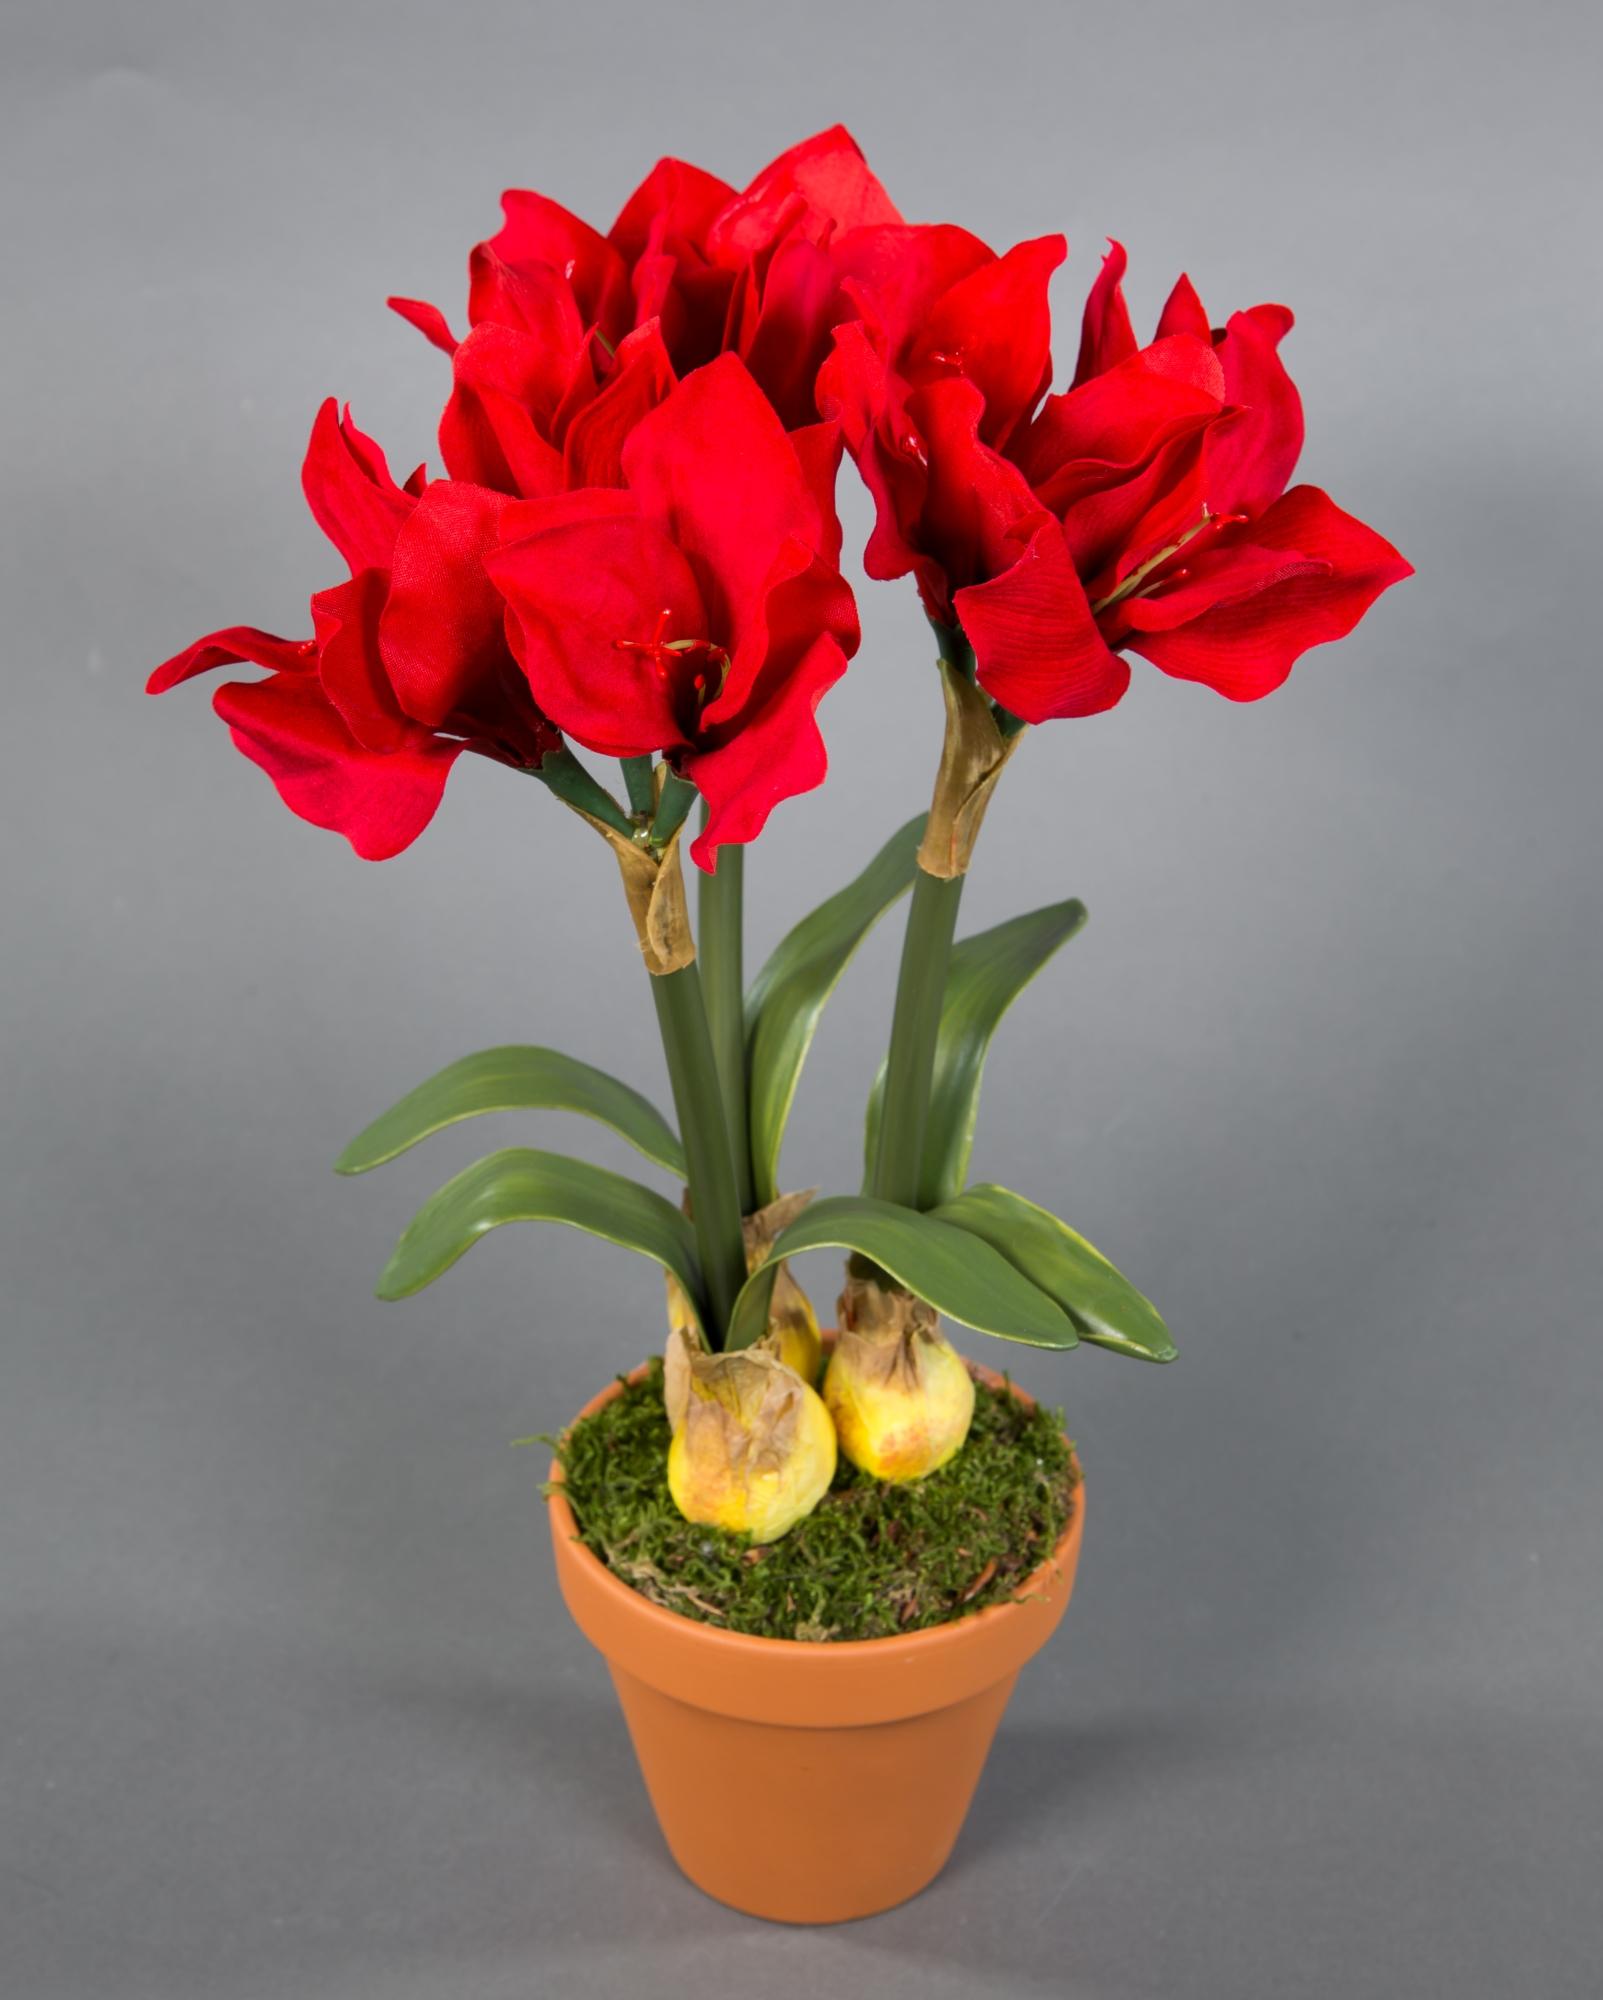 Weihnachtsstern im Topf 36cm rot PF künstliche Poinsettie Kunstblumen